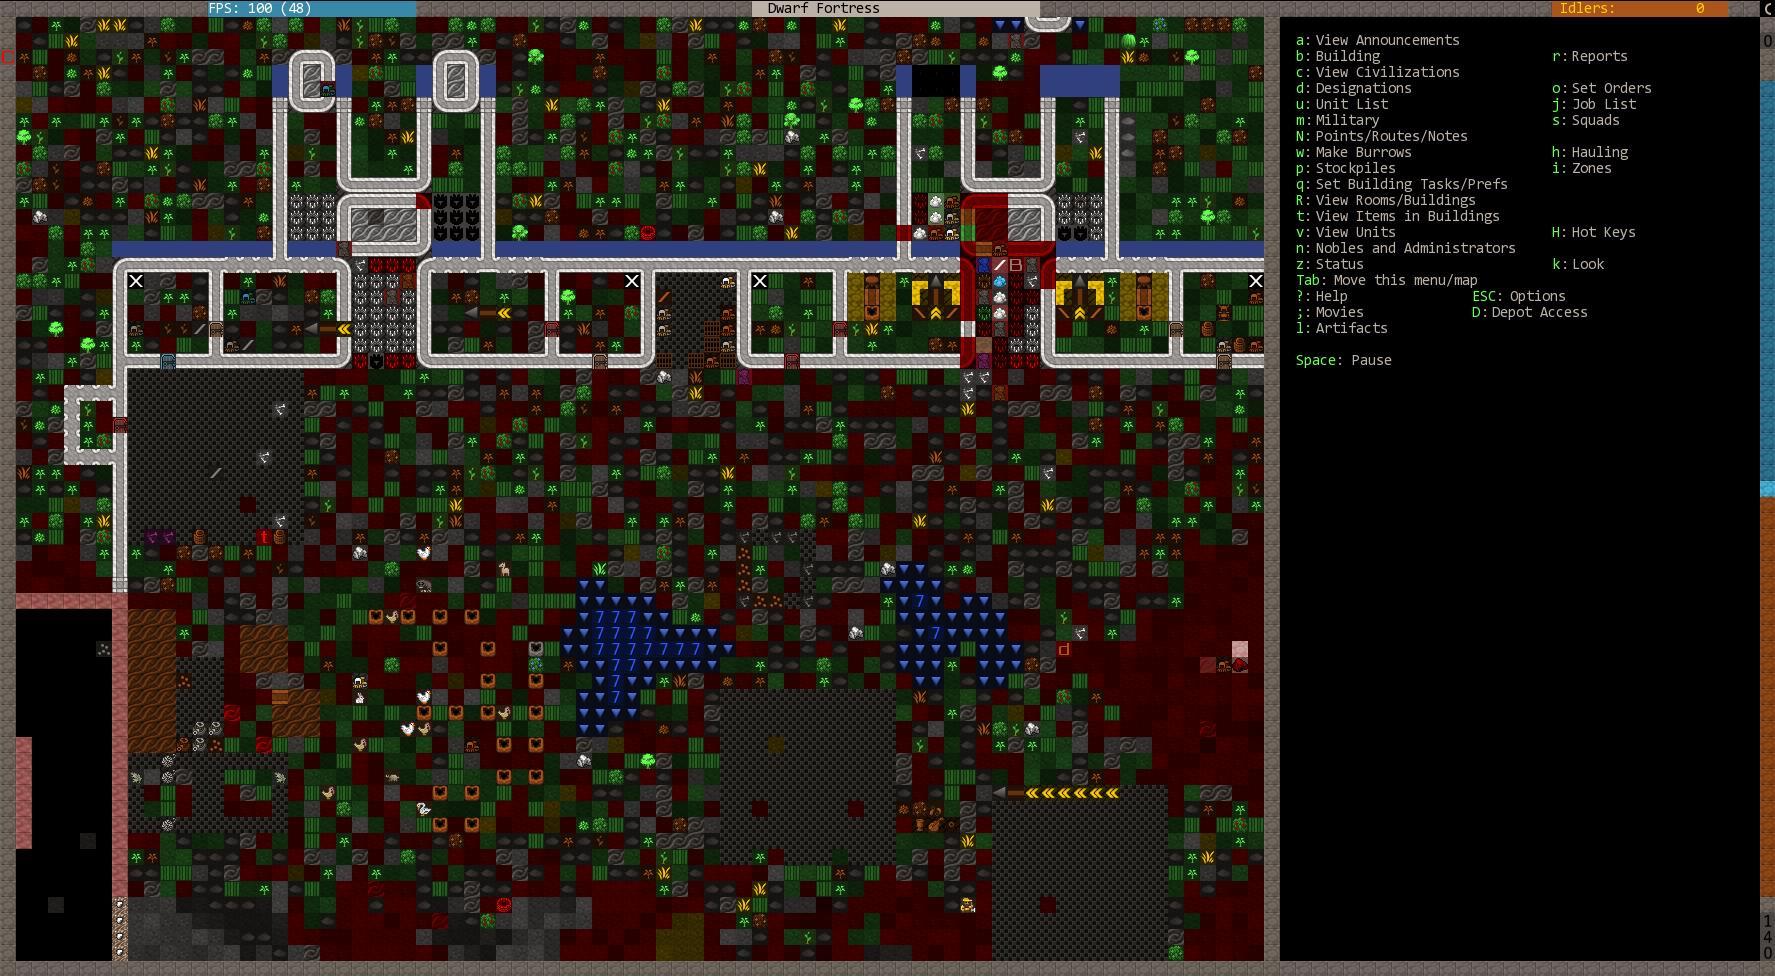 Почему во время apt-get upgrade запускается игра Dwarf Fortress?